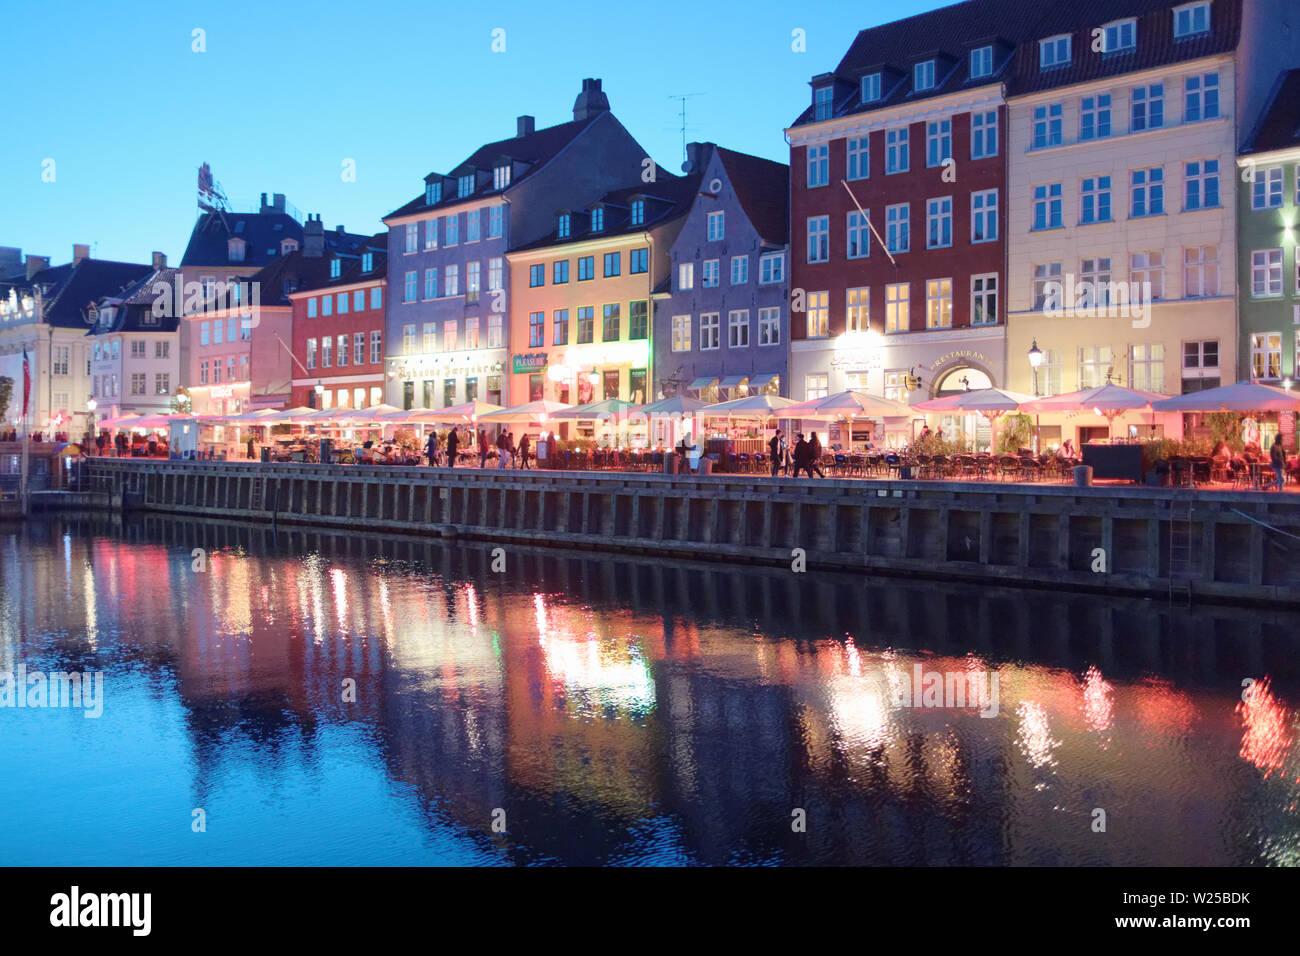 Ver a Nyhavn en Copenhague, Dinamarca, en una tarde de primavera Foto de stock